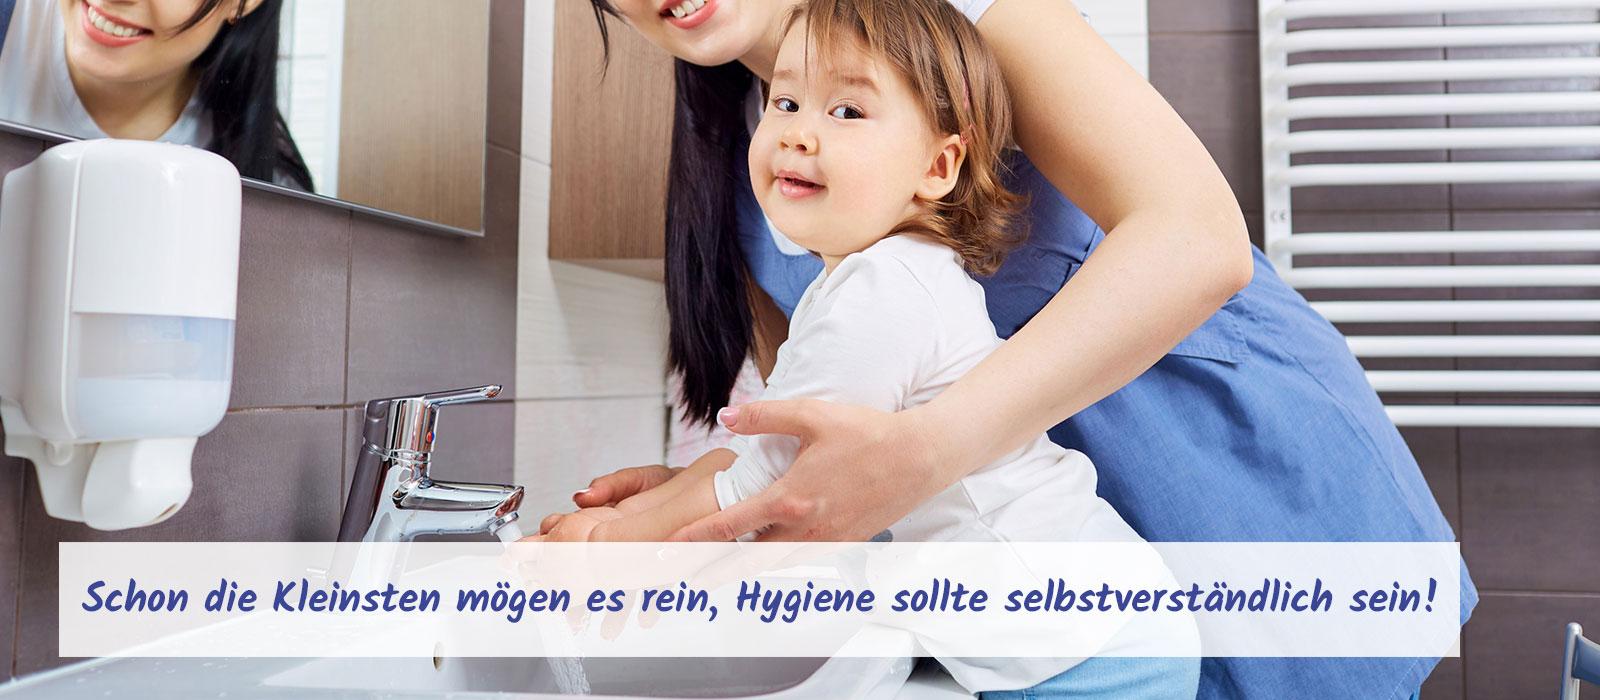 308844c56a8847 Hygiene-Service für Büro-Gastronomie-Hotellerie Pulheim – Waschbär Hygiene- Service von Guretzky-Cornitz GmbH